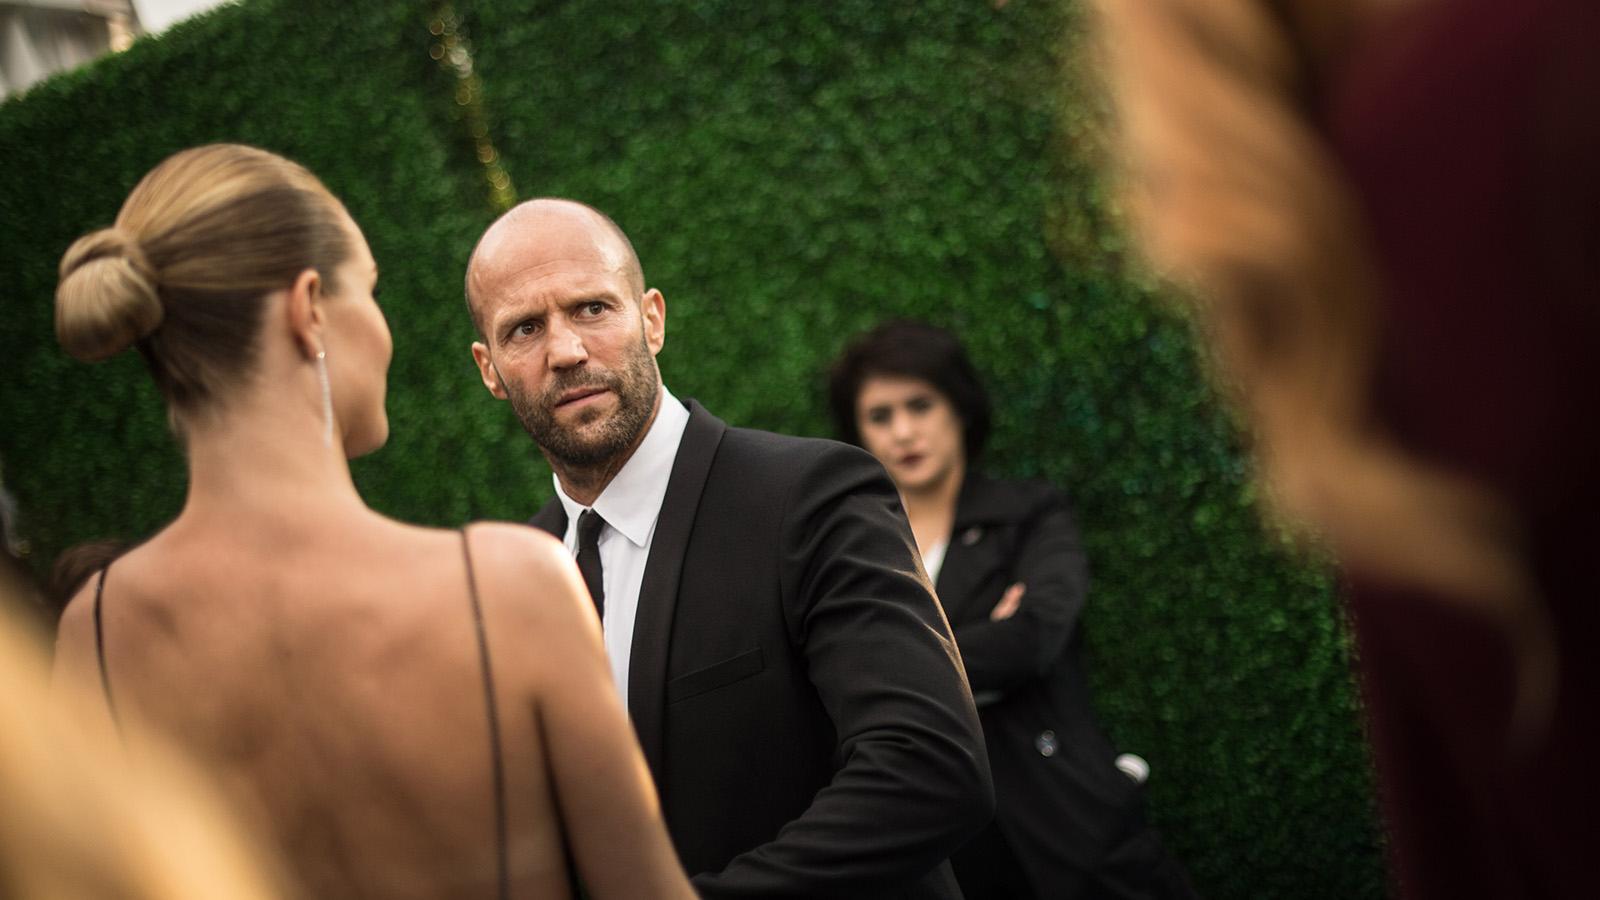 Mit stehen frauen glatze männer auf Stehen Frauen